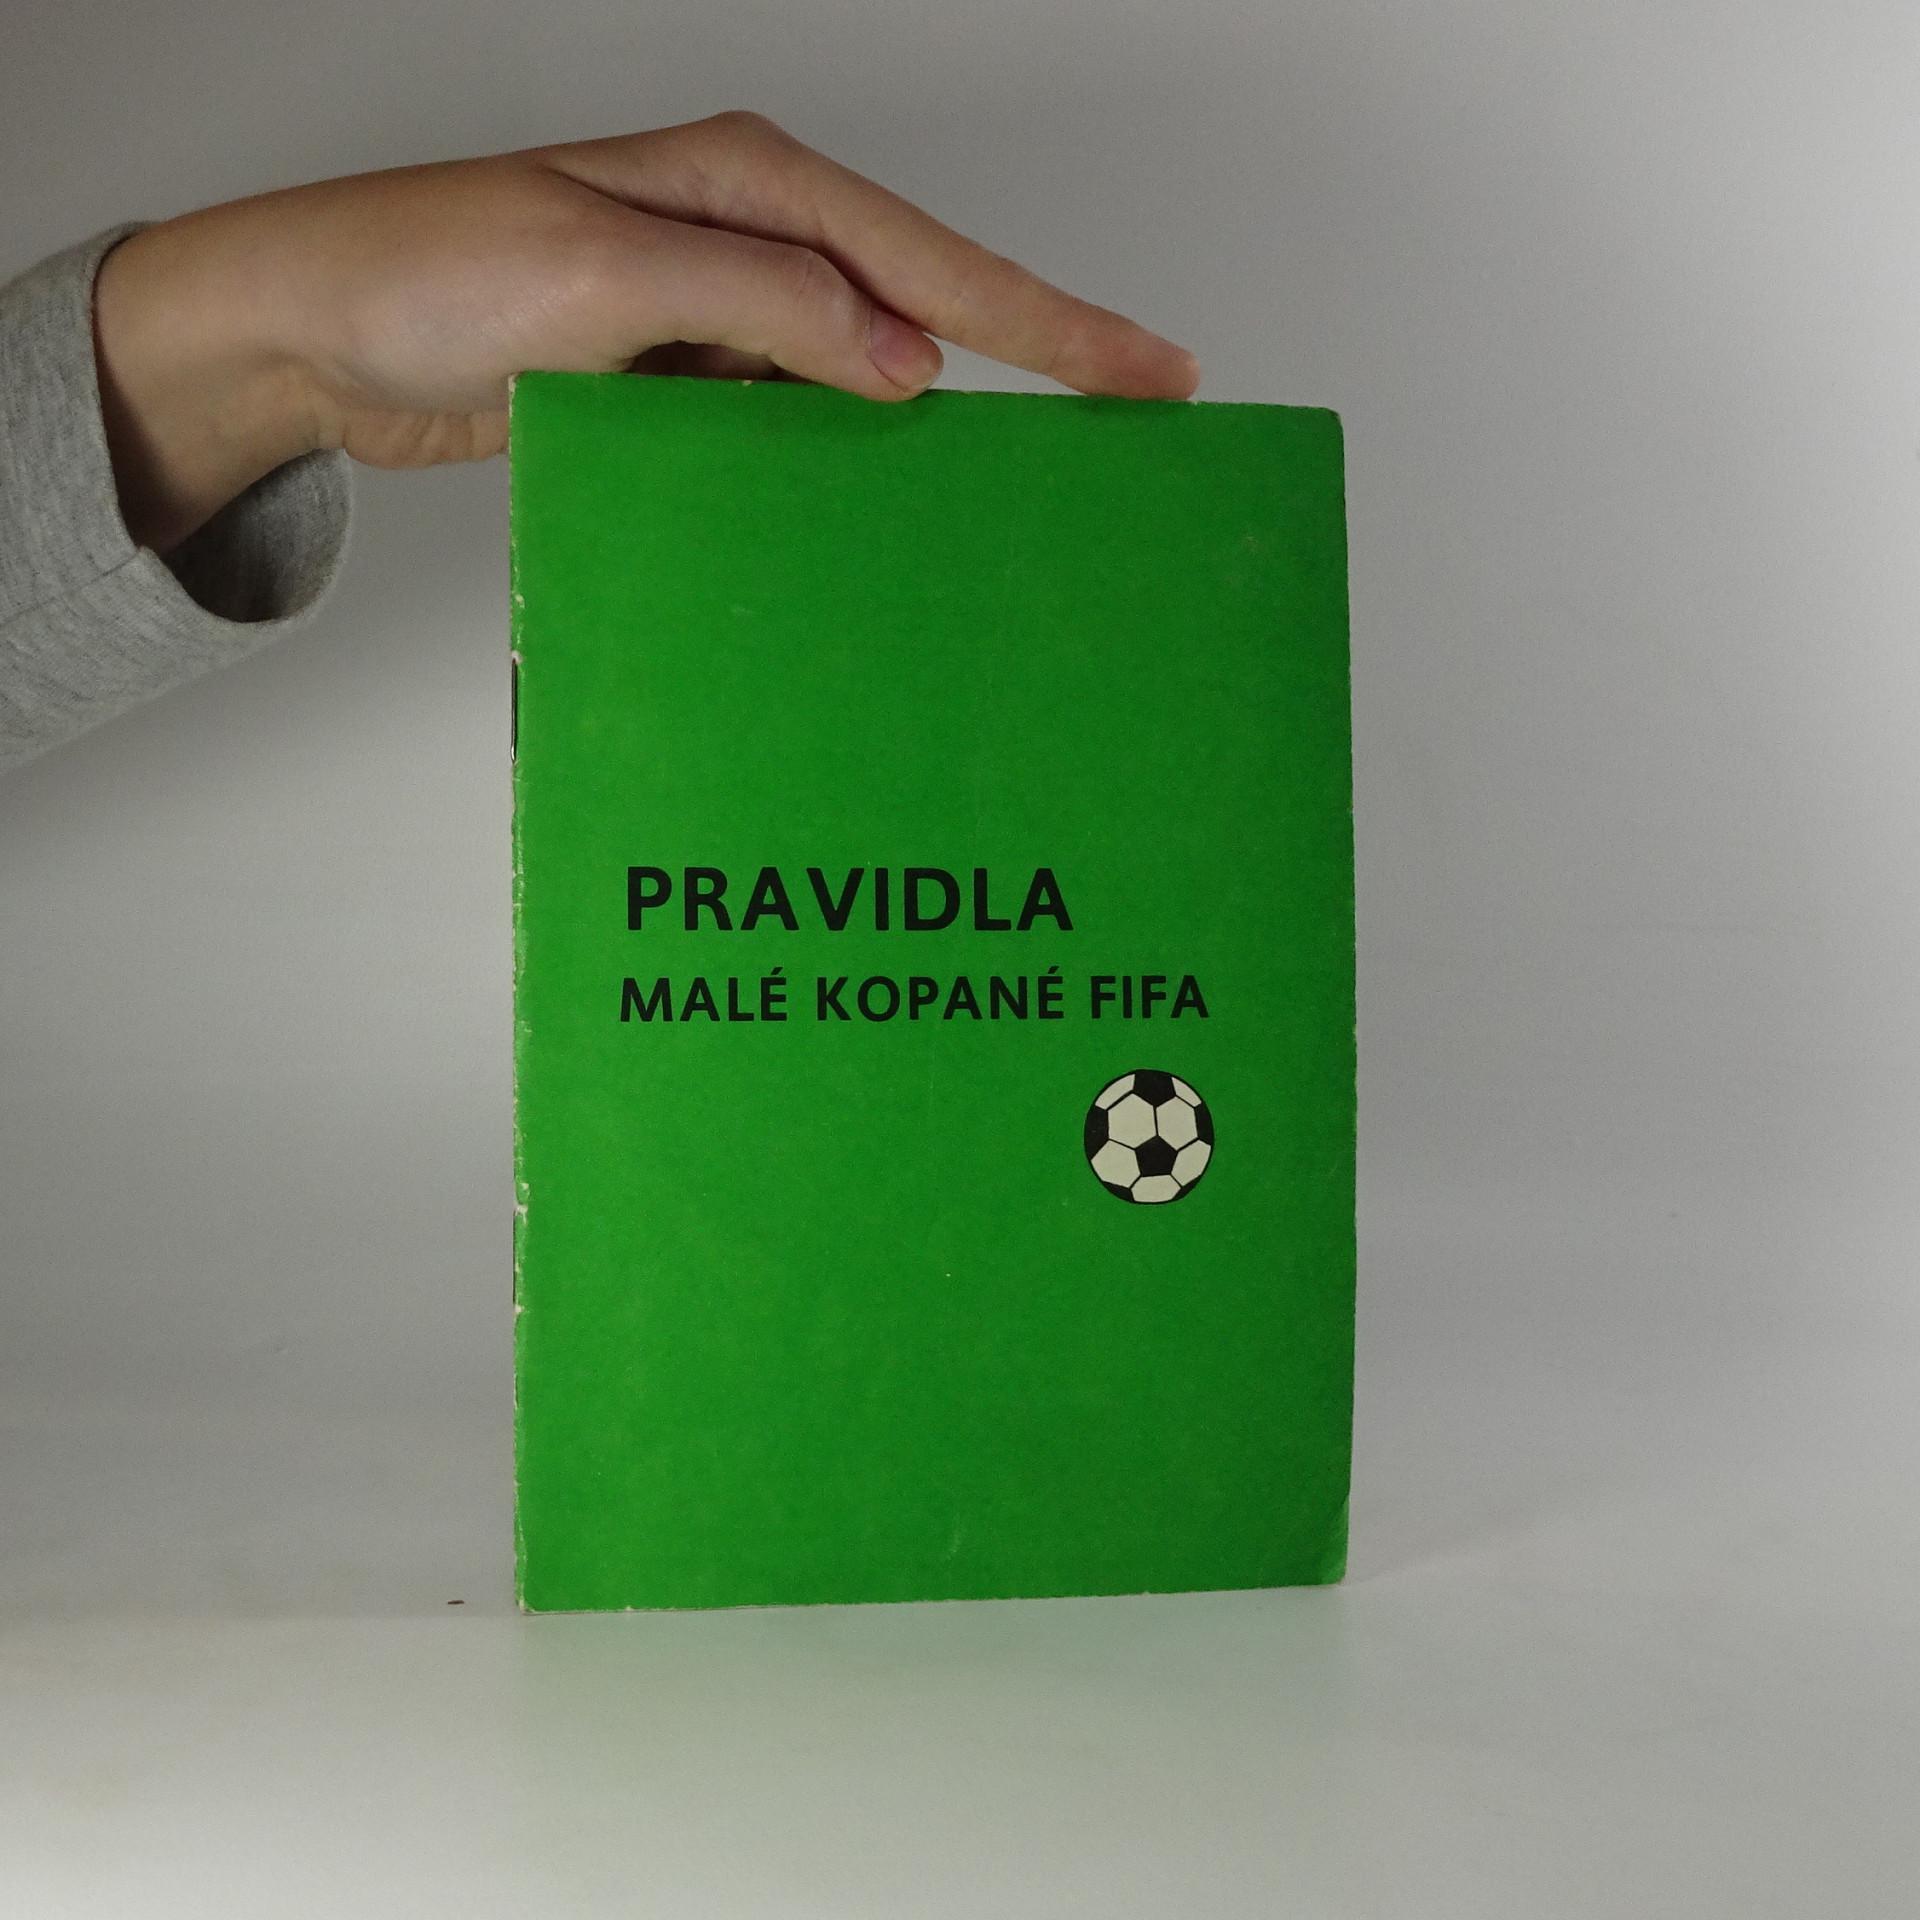 antikvární kniha Pravidla malé kopané FIFA, 1987